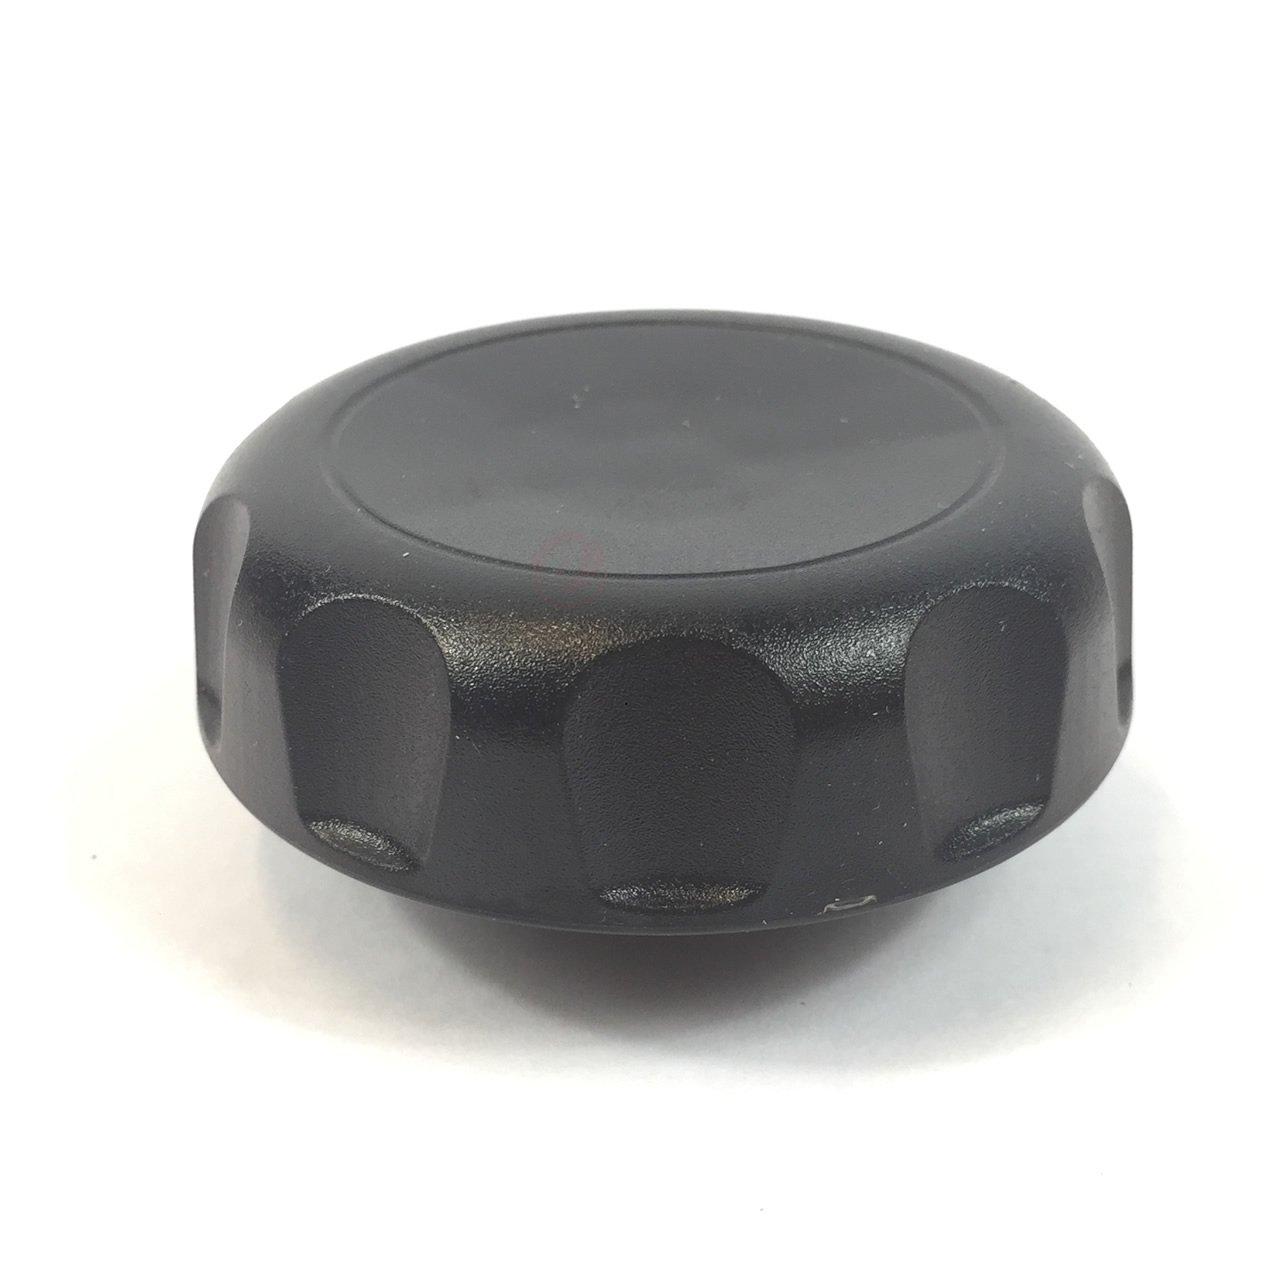 Roulette de ré glage de siè ge SOLARIS